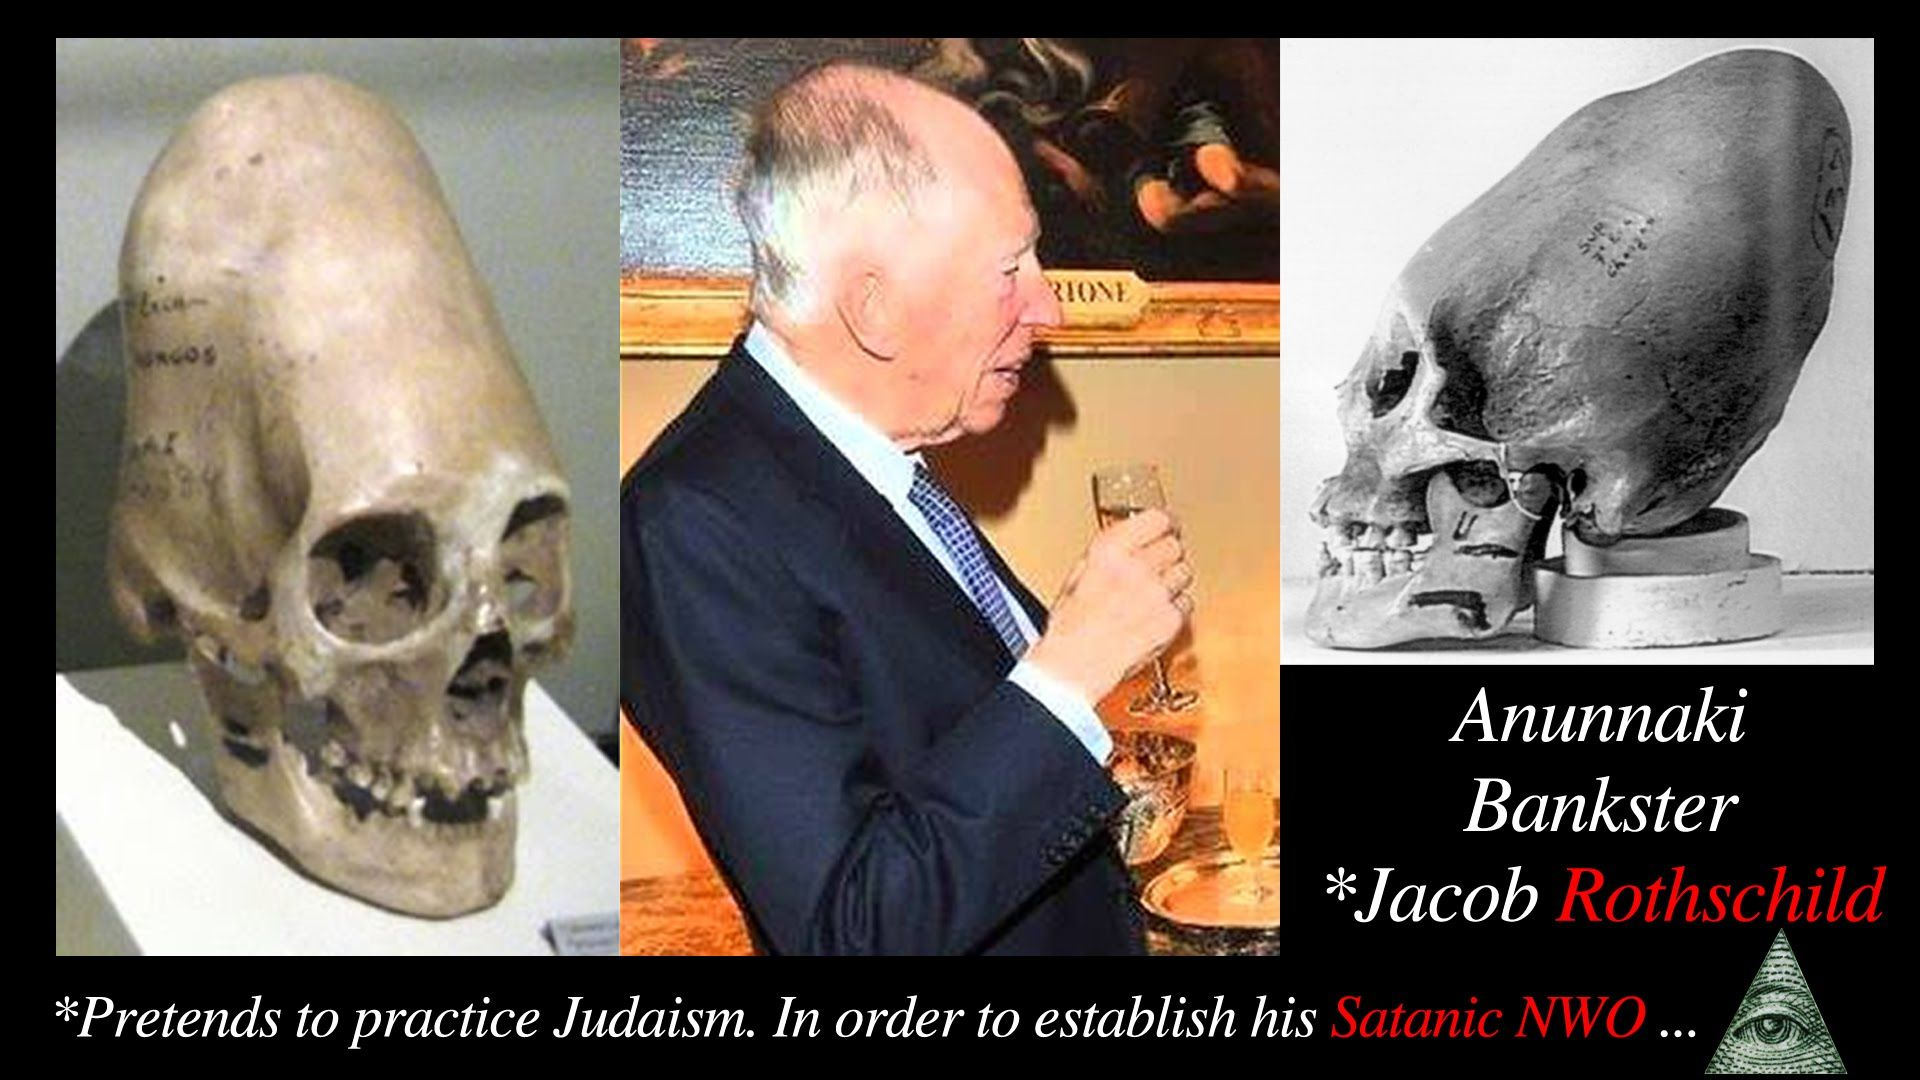 Jacob Rothschild  Anunnaki-Reptilian  Bankster  PINDAR - The Lizard